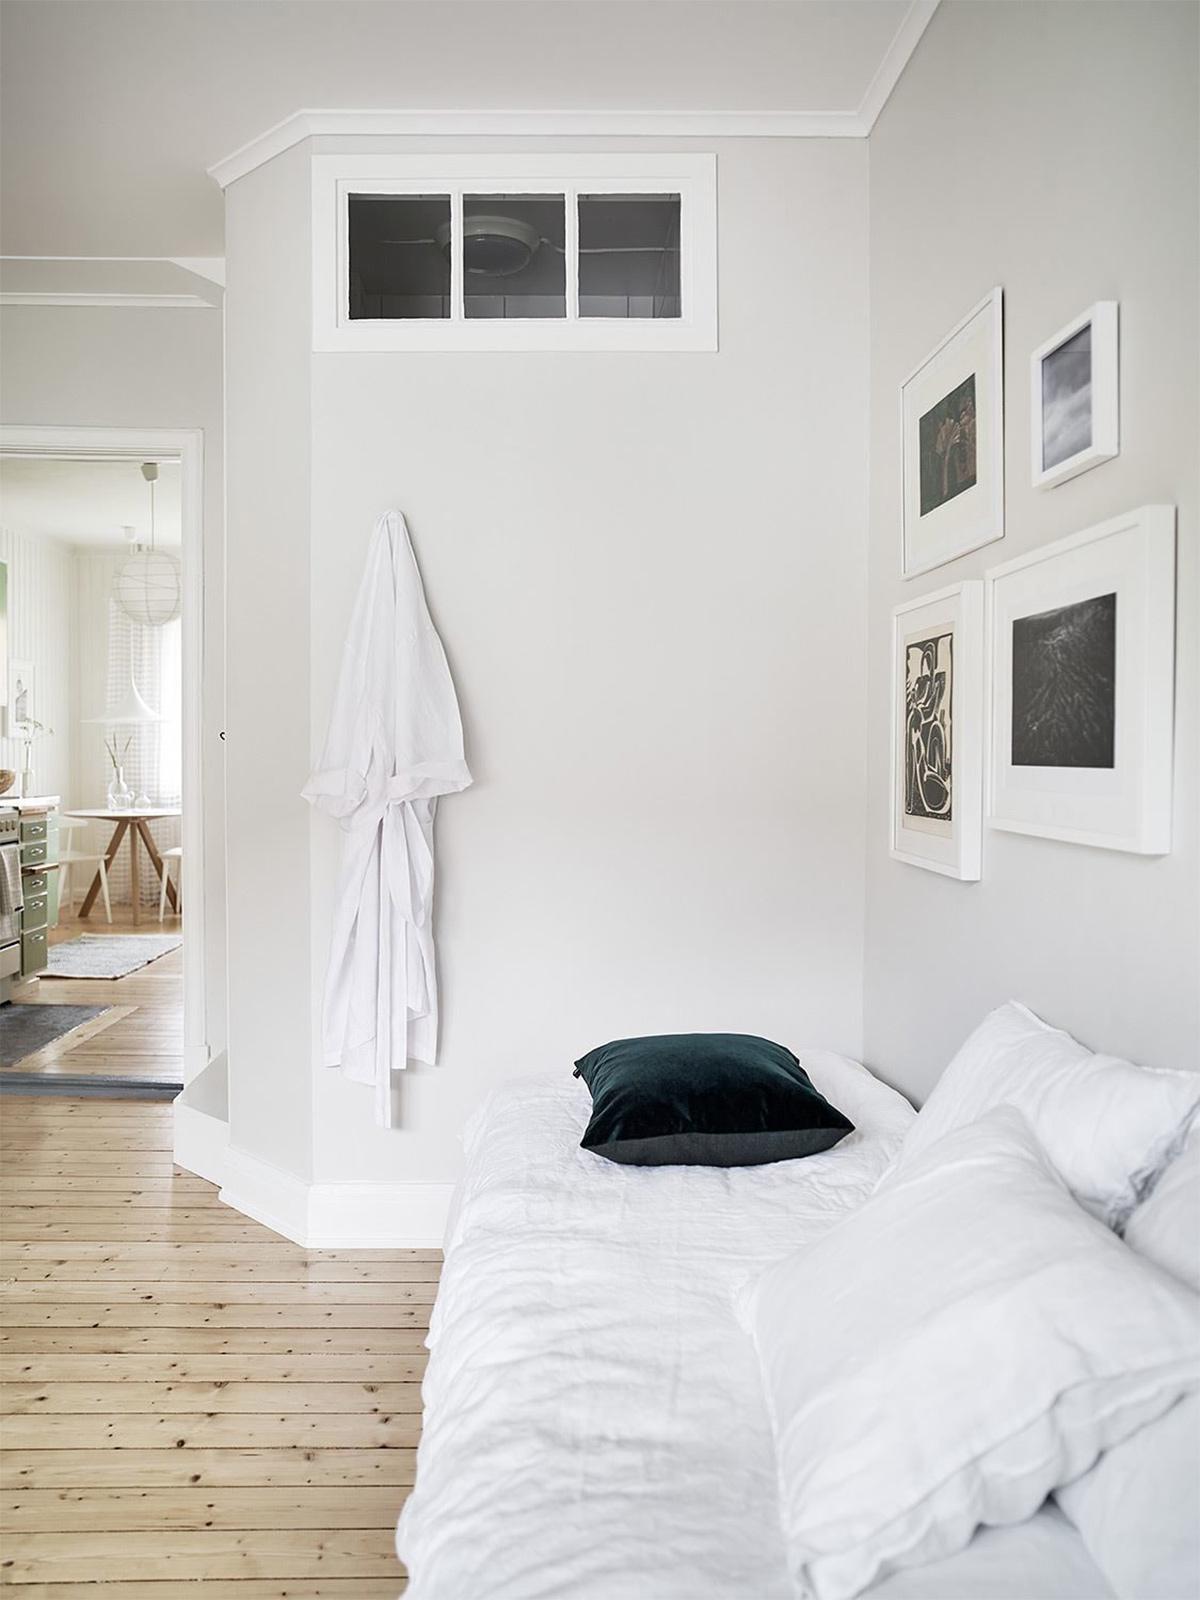 Phong cách Vintage làm nổi bật không gian căn hộ nhỏ